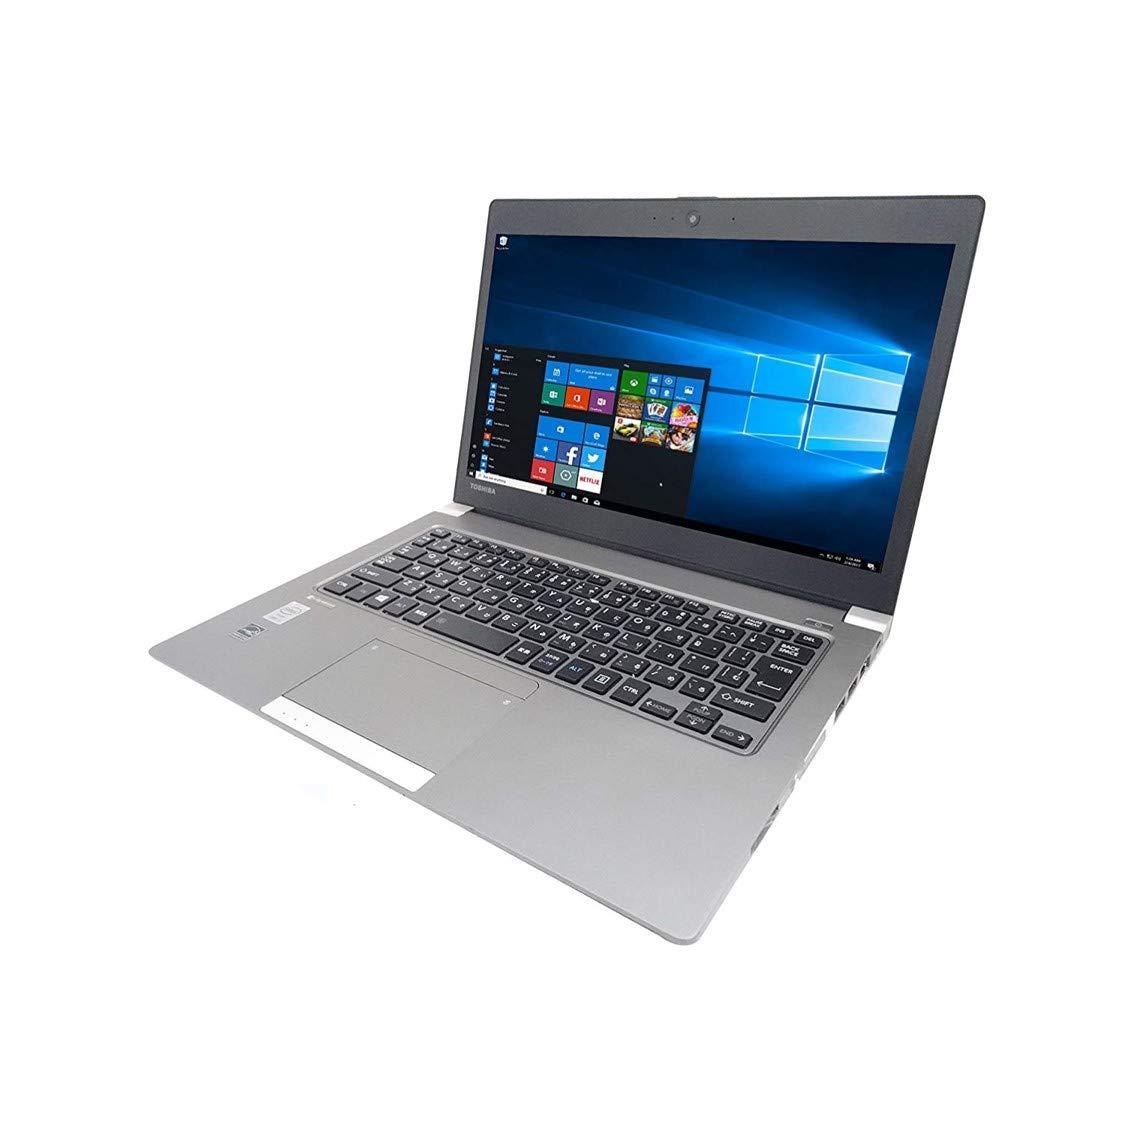 新版 【Microsoft Office 2016搭載】【Win B078N7JTKJ 10搭載 10搭載】TOSHIBA】TOSHIBA R634/L i5-4200U/第四世代Core i5-4200U 1.6GHz/新品メモリー:8GB/SSD:128GB/13インチ/Webカメラ/HDMI/USB 3.0/無線LAN搭載/軽量薄型中古ノートパソコン/希少品 (新品メモリー:8GB) B078N7JTKJ 新品メモリー:4GB+新品外付けDVDスーパーマルチ 新品メモリー:4GB+新品外付けDVDスーパーマルチ, 快適エコ生活STORE:53a42ff5 --- arbimovel.dominiotemporario.com